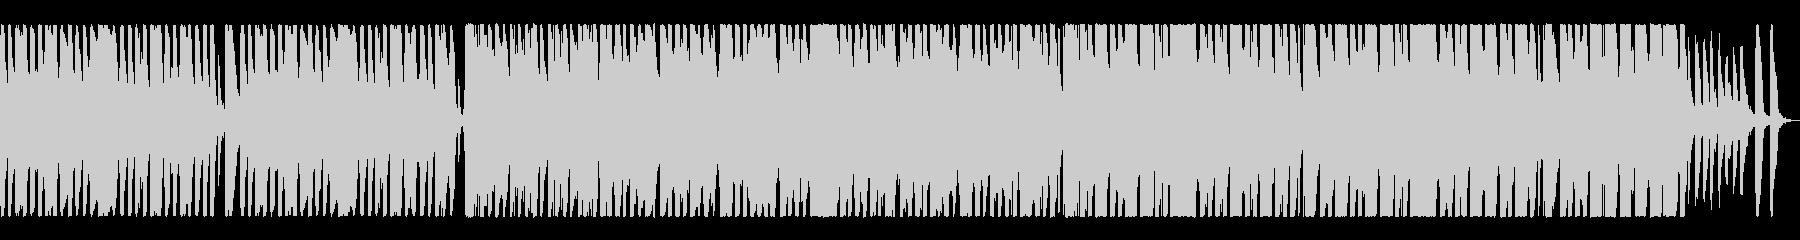 ポップで明るい「ジングルベル」♪の未再生の波形